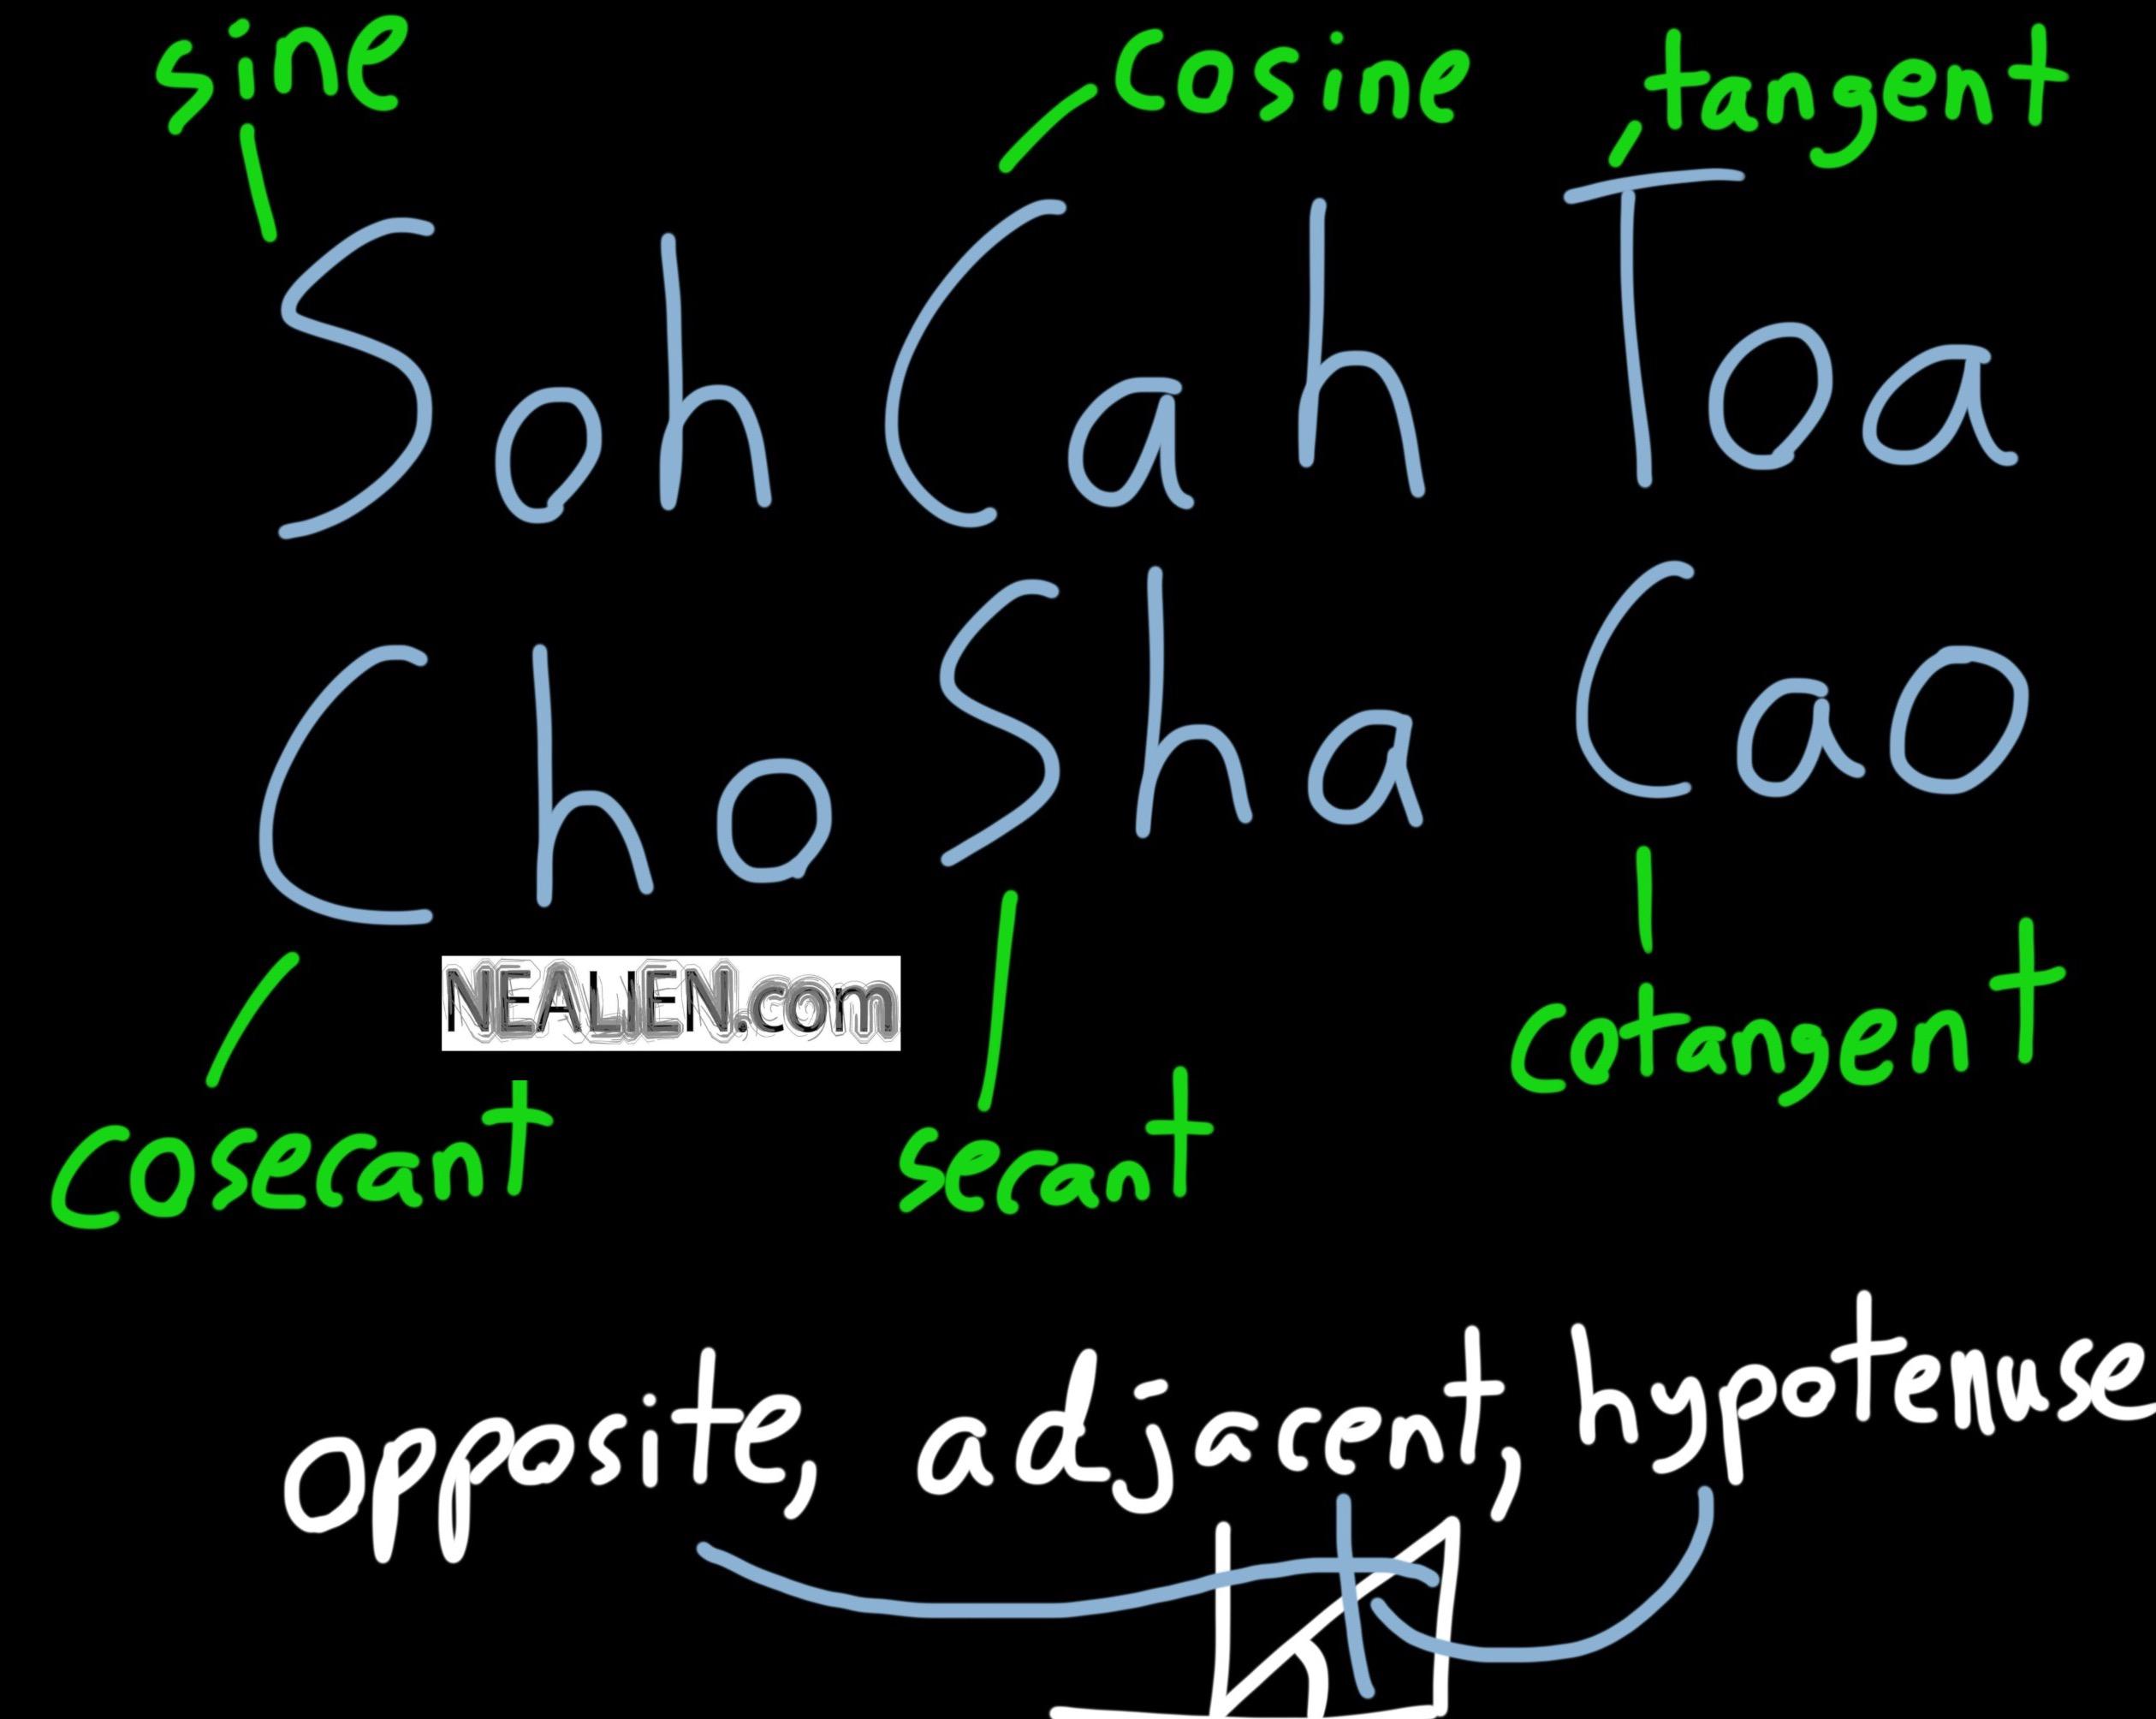 SOHCAHTOA CHOSHACAO